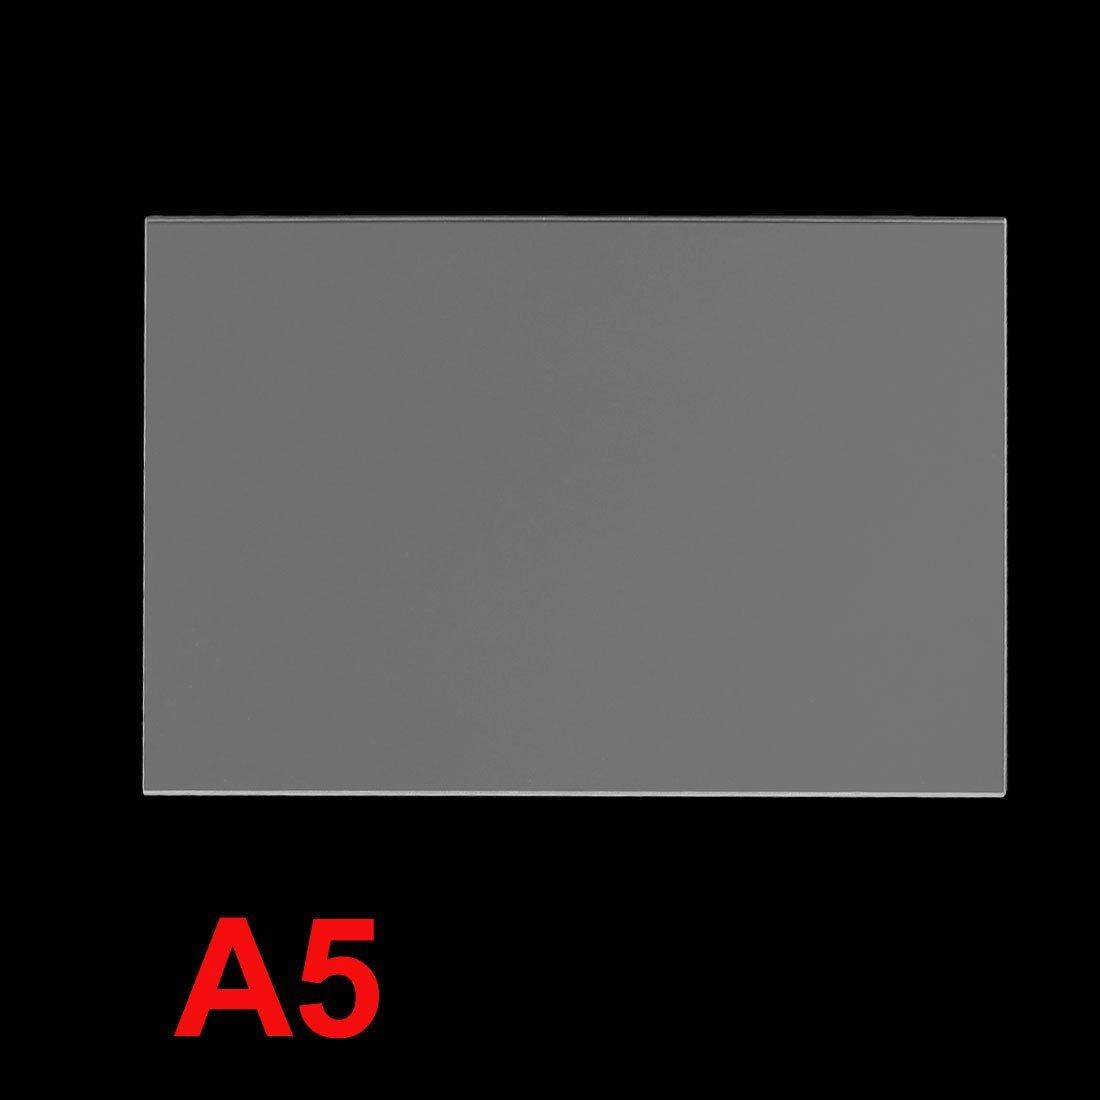 Effacer plastique acrylique Plexiglas Fiche A5 Taille 148mm x 210mm x 3mm